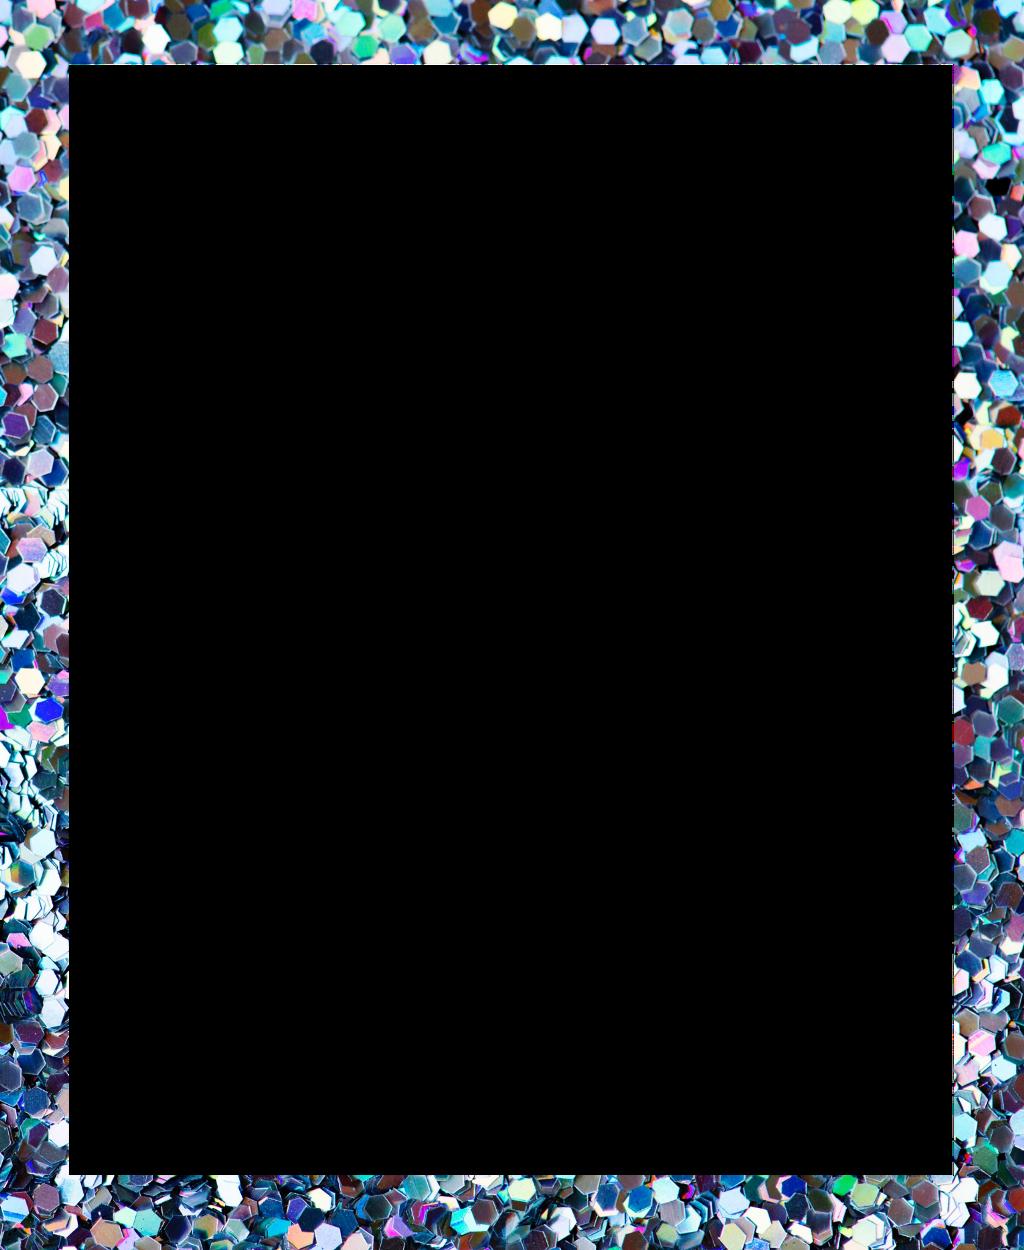 #frame #glittery #stickerchallenge #stickerframe